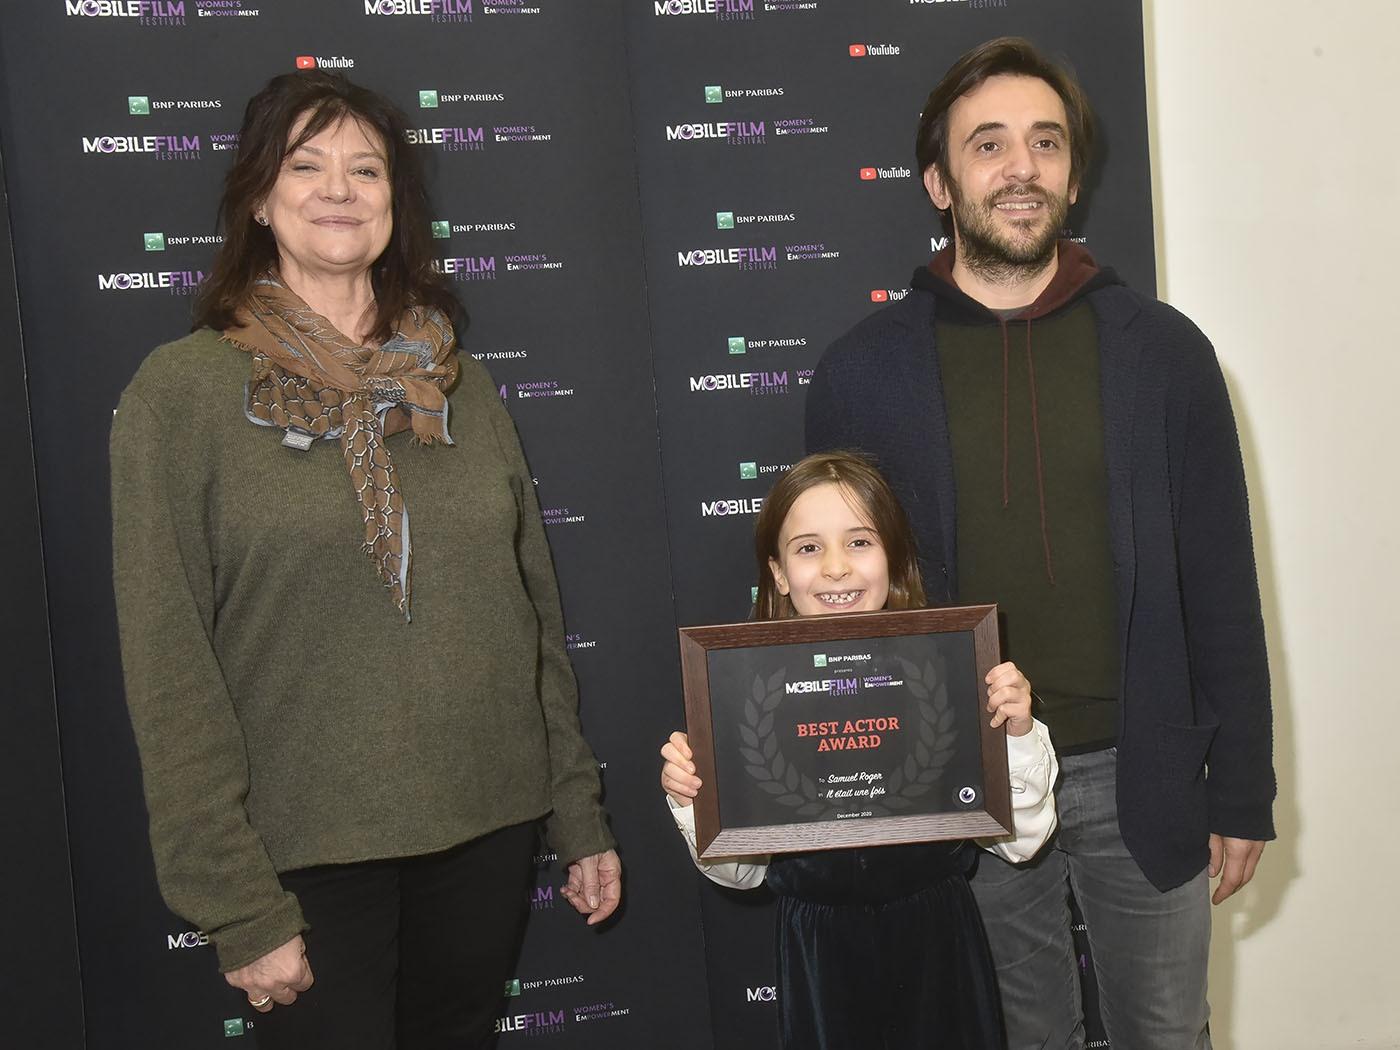 Anne Dominique Toussaint nous présente Samuel Roger et sa fille Mila les Best Actors du Mobile Film Festival 2020